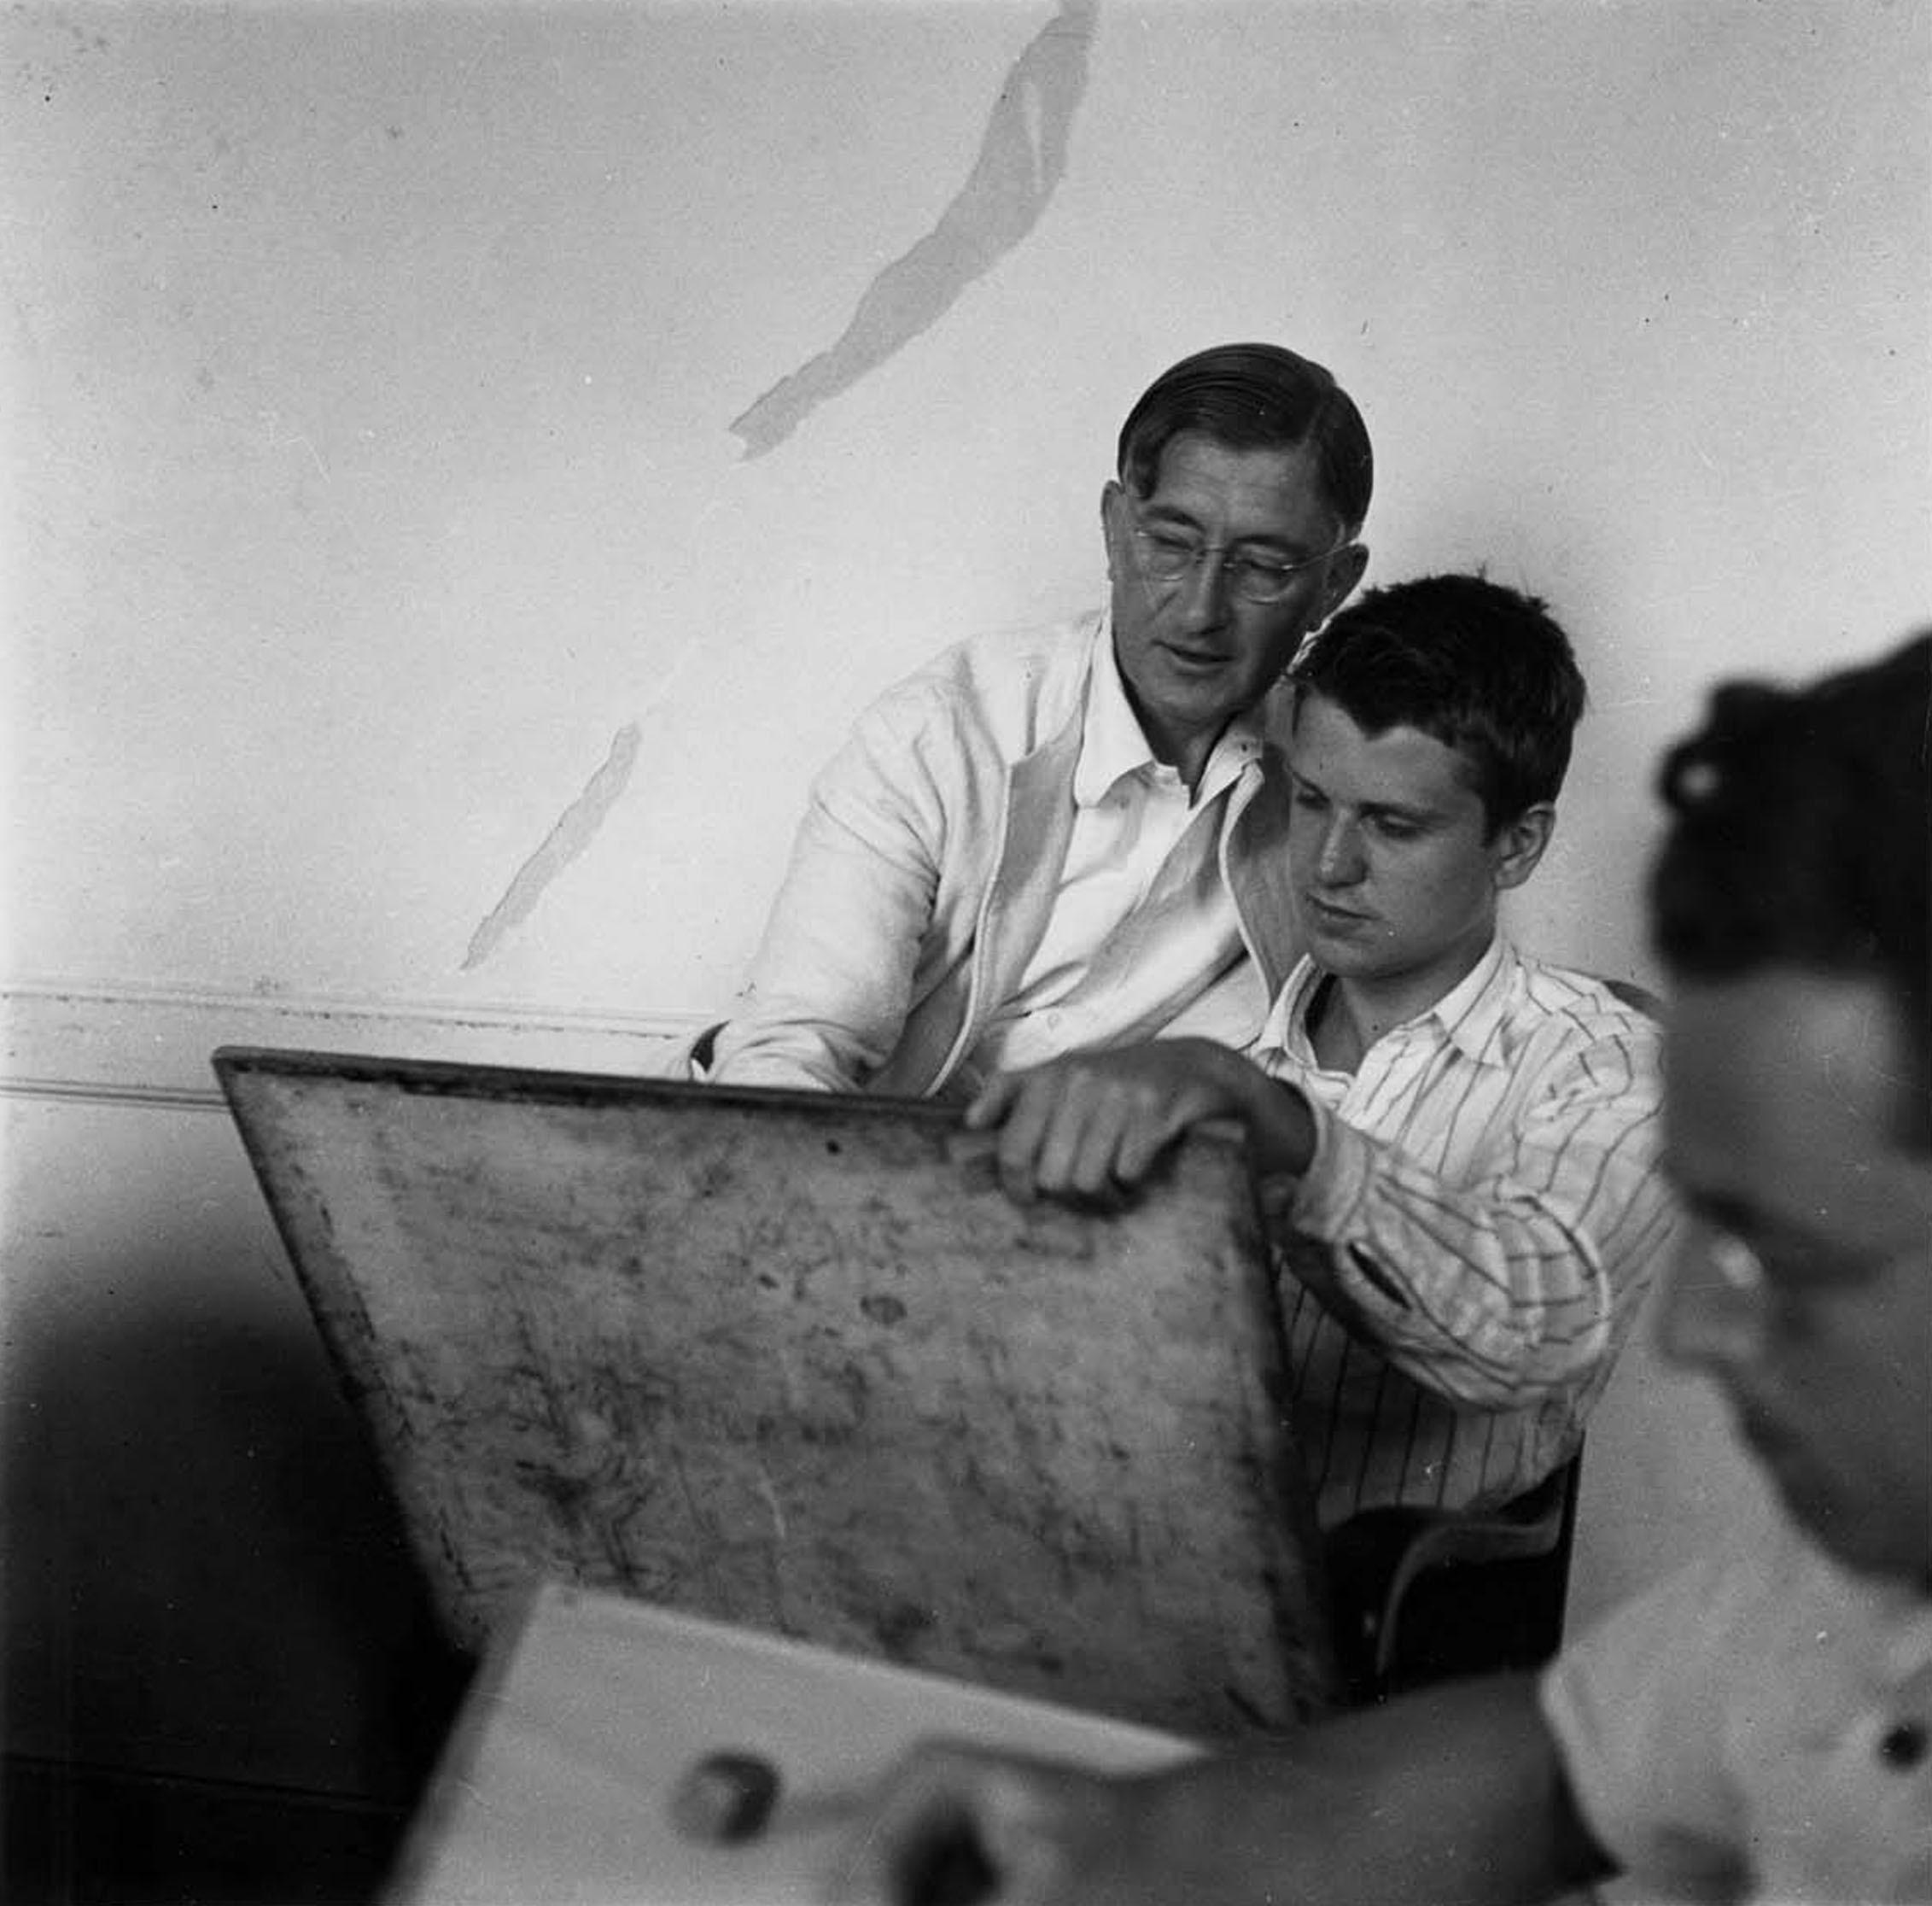 Josef Albers with student Robert De Niro, Sr., ca. 1939-1940